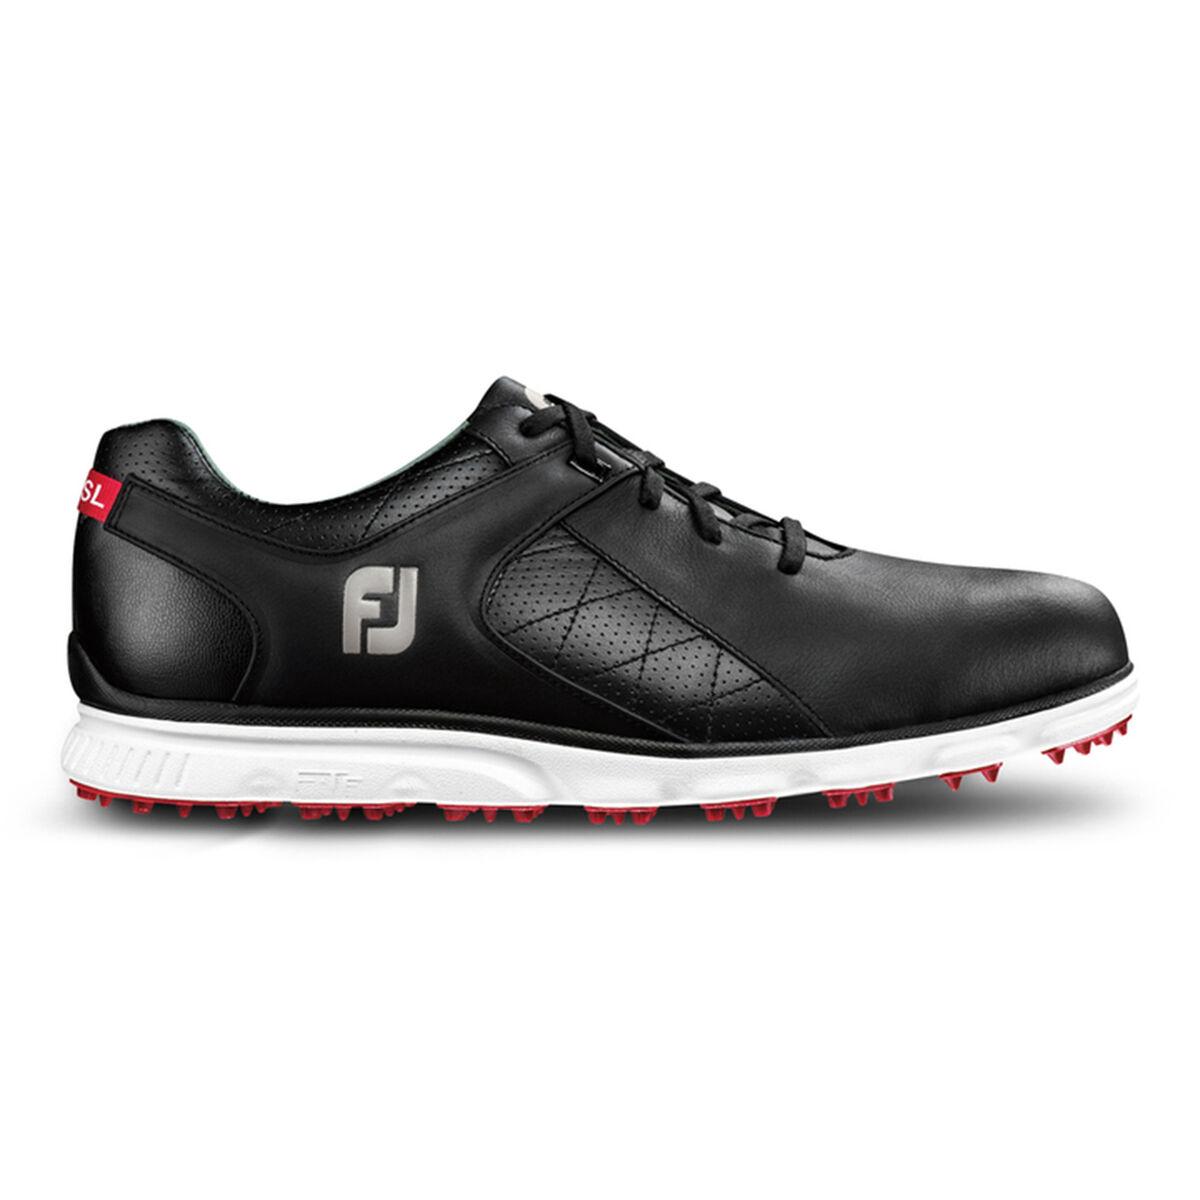 4b21a859 FootJoy Pro/SL Men's Golf Shoe - Black | PGA TOUR Superstore